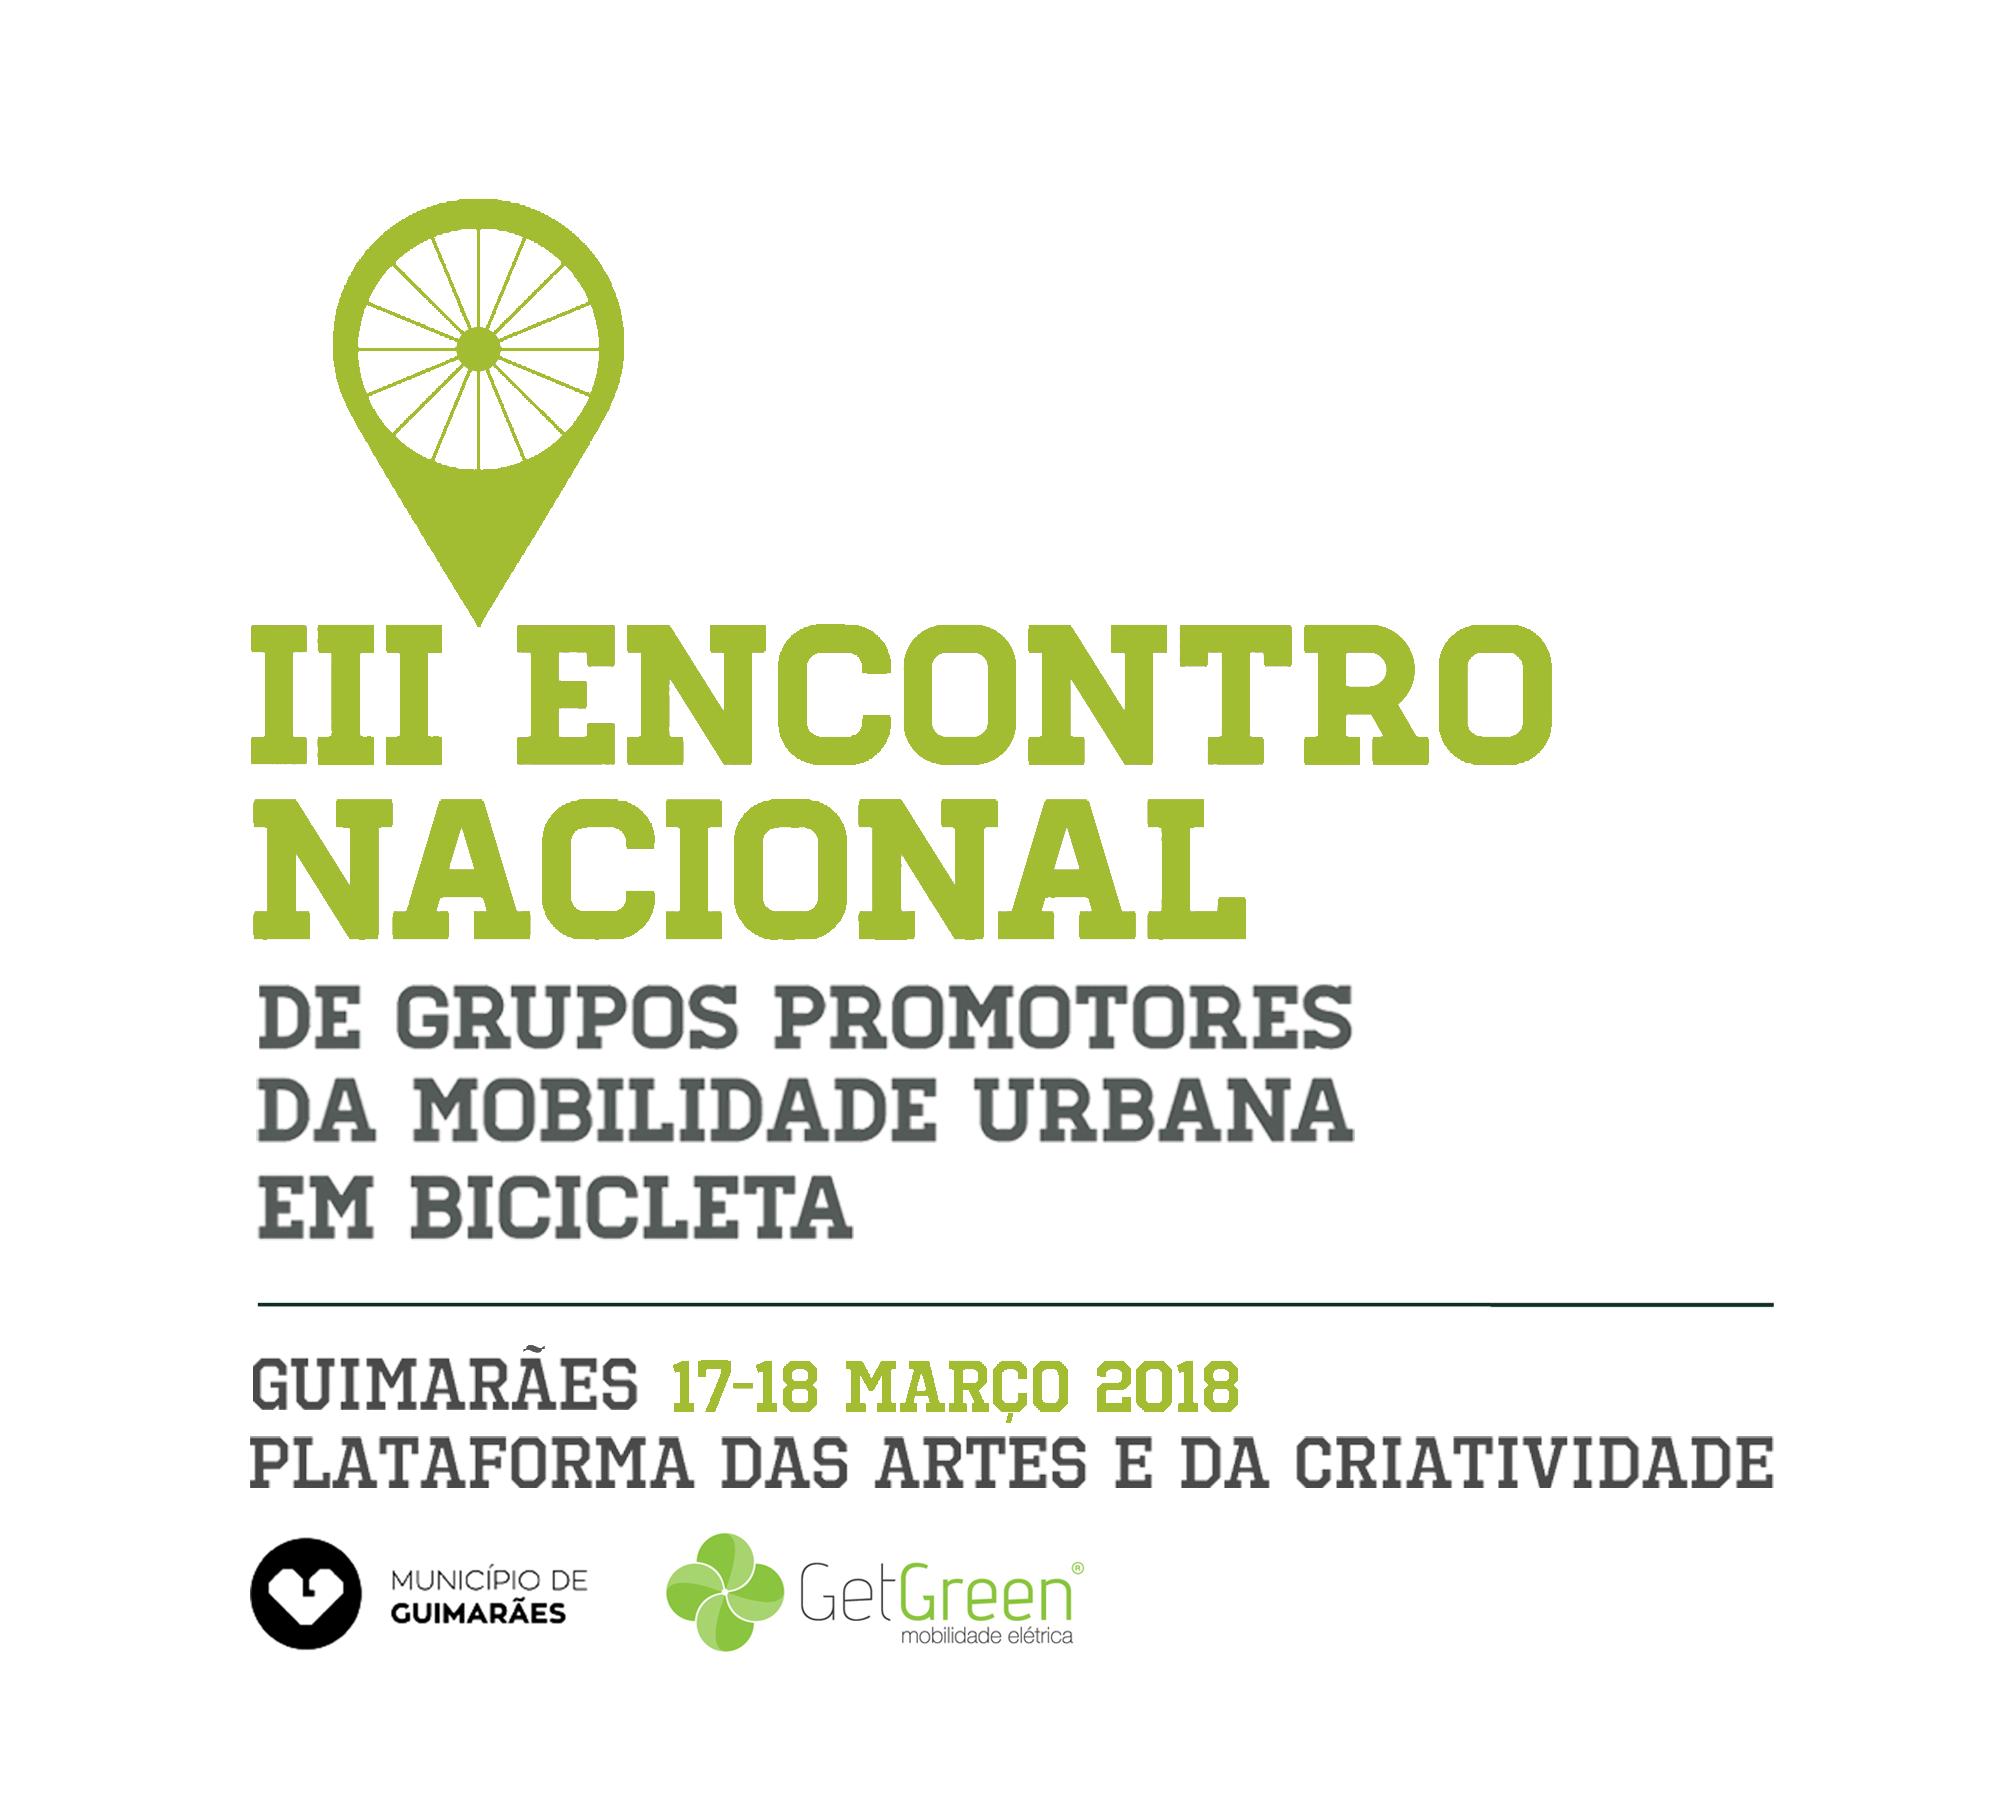 3º Encontro Nacional de Grupos Promotores da Mobilidade Urbana em Bicicleta